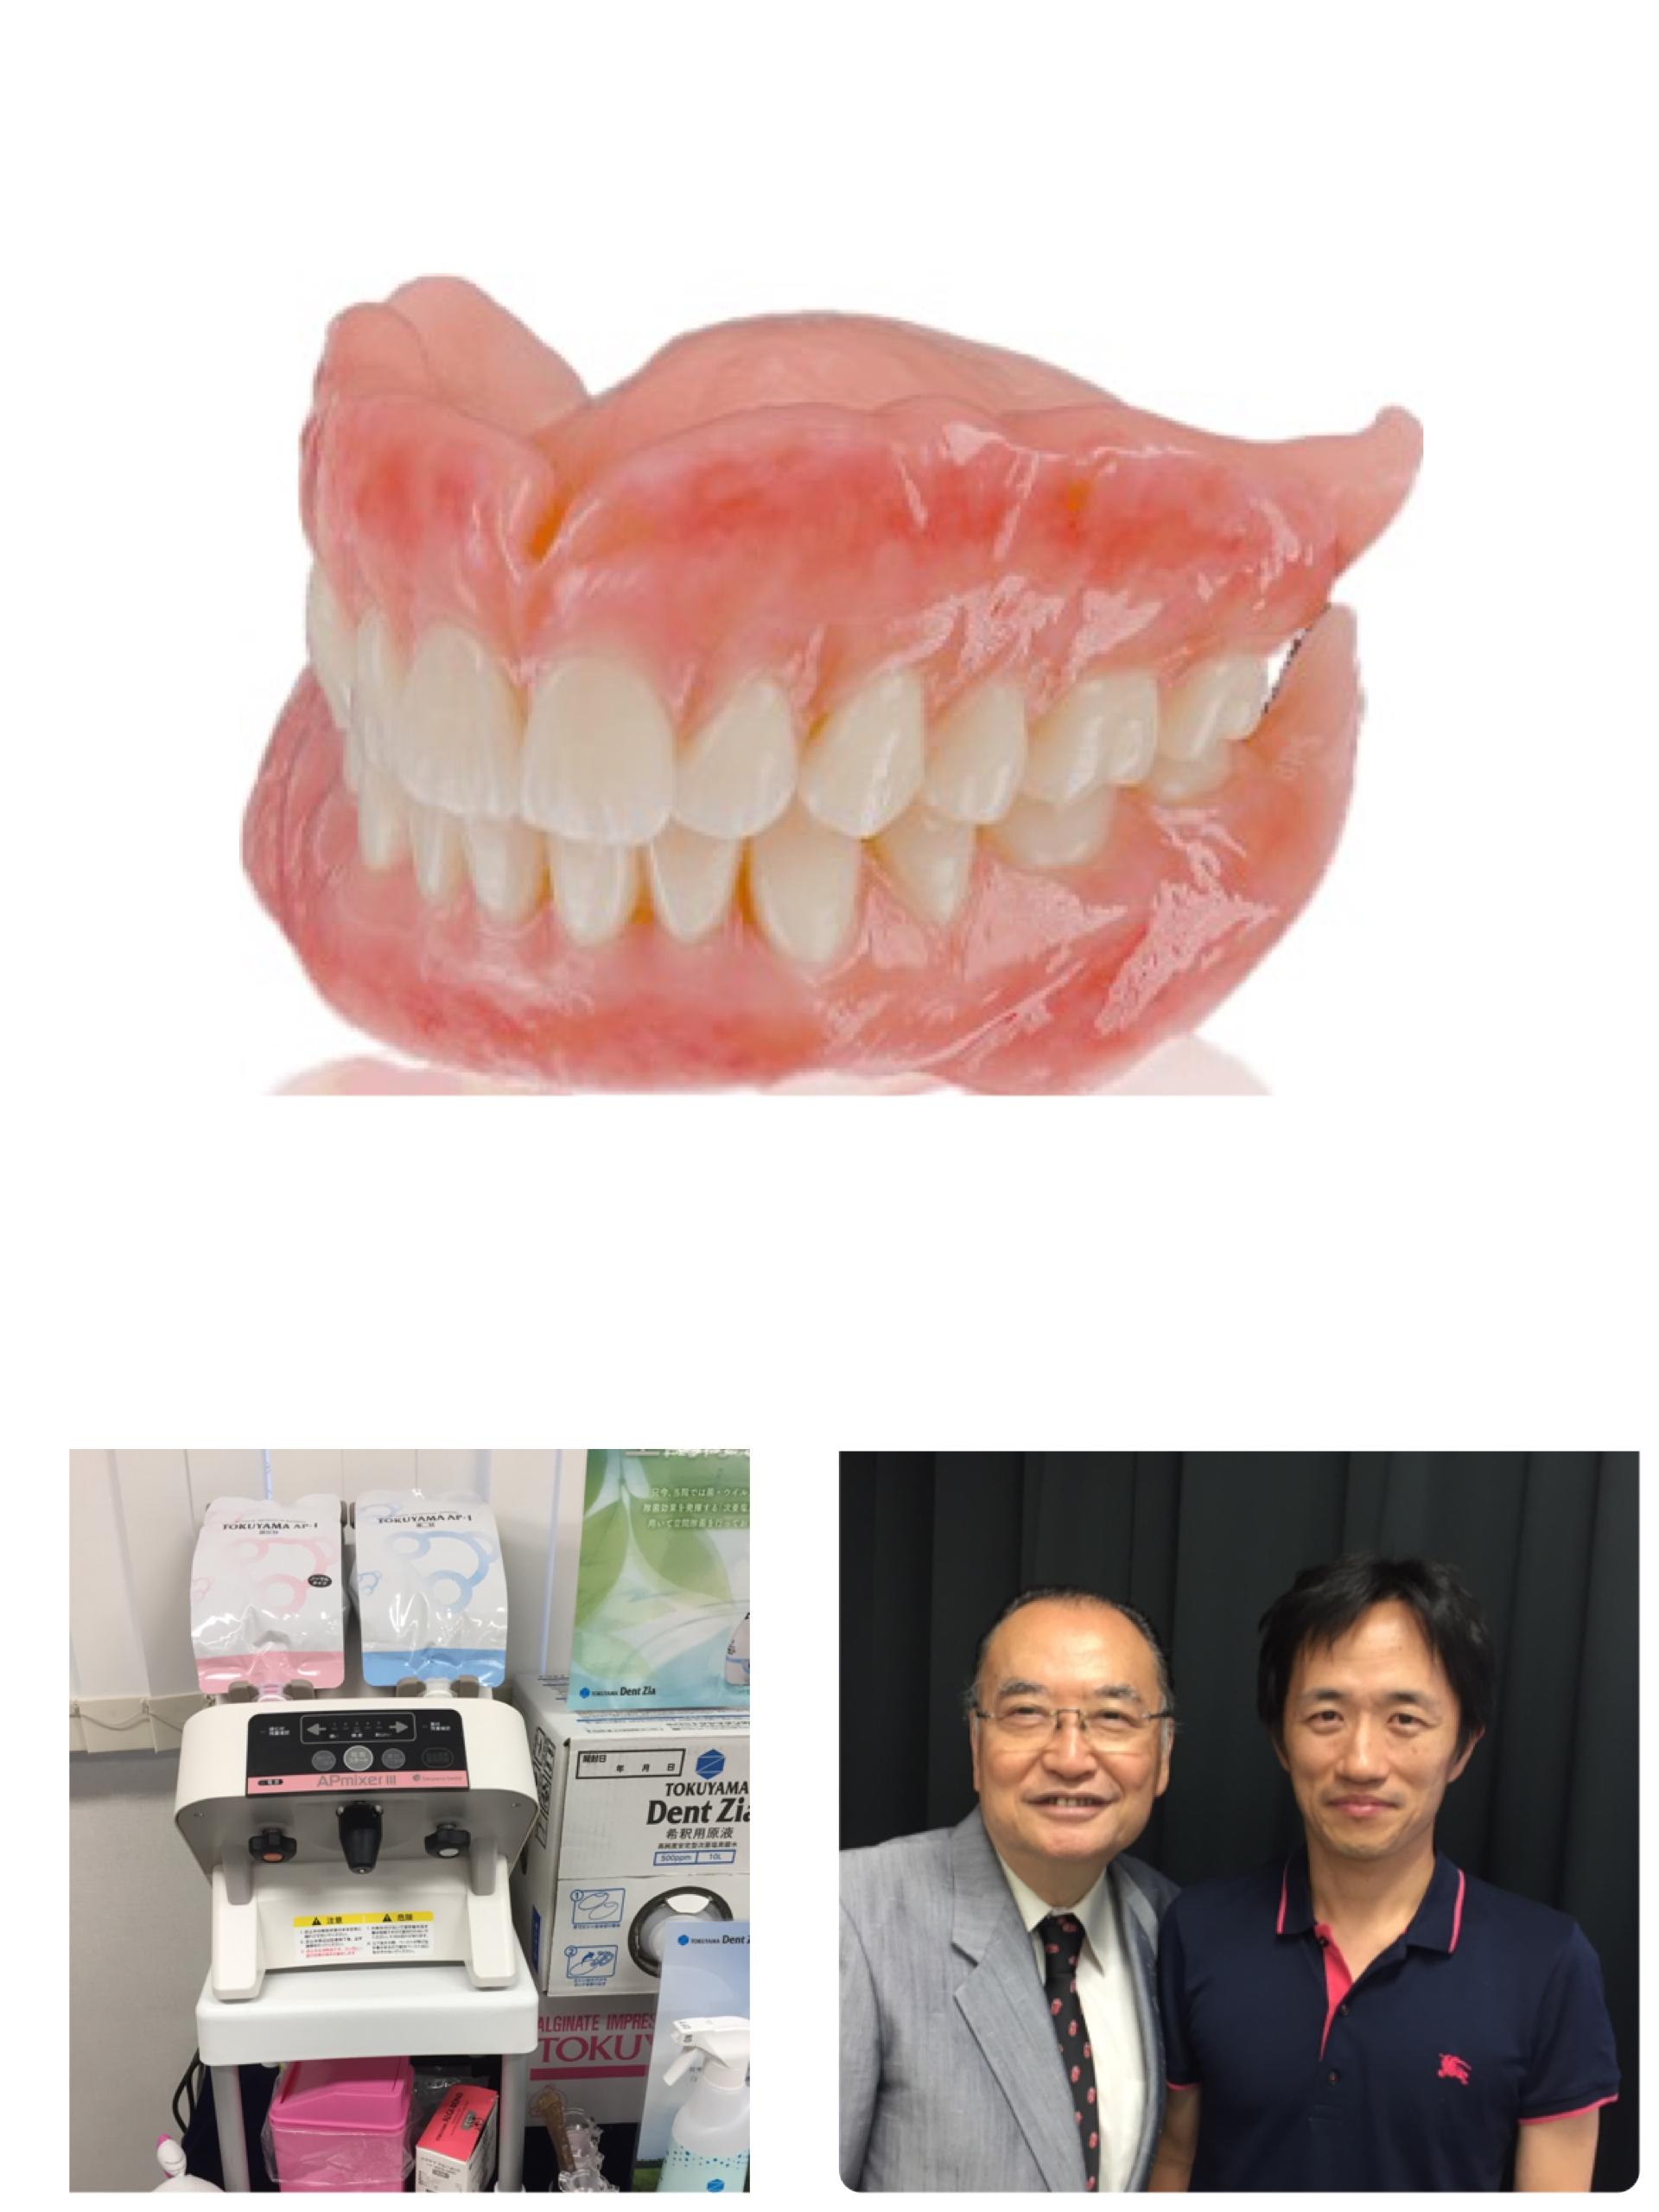 とことん義歯勉強会